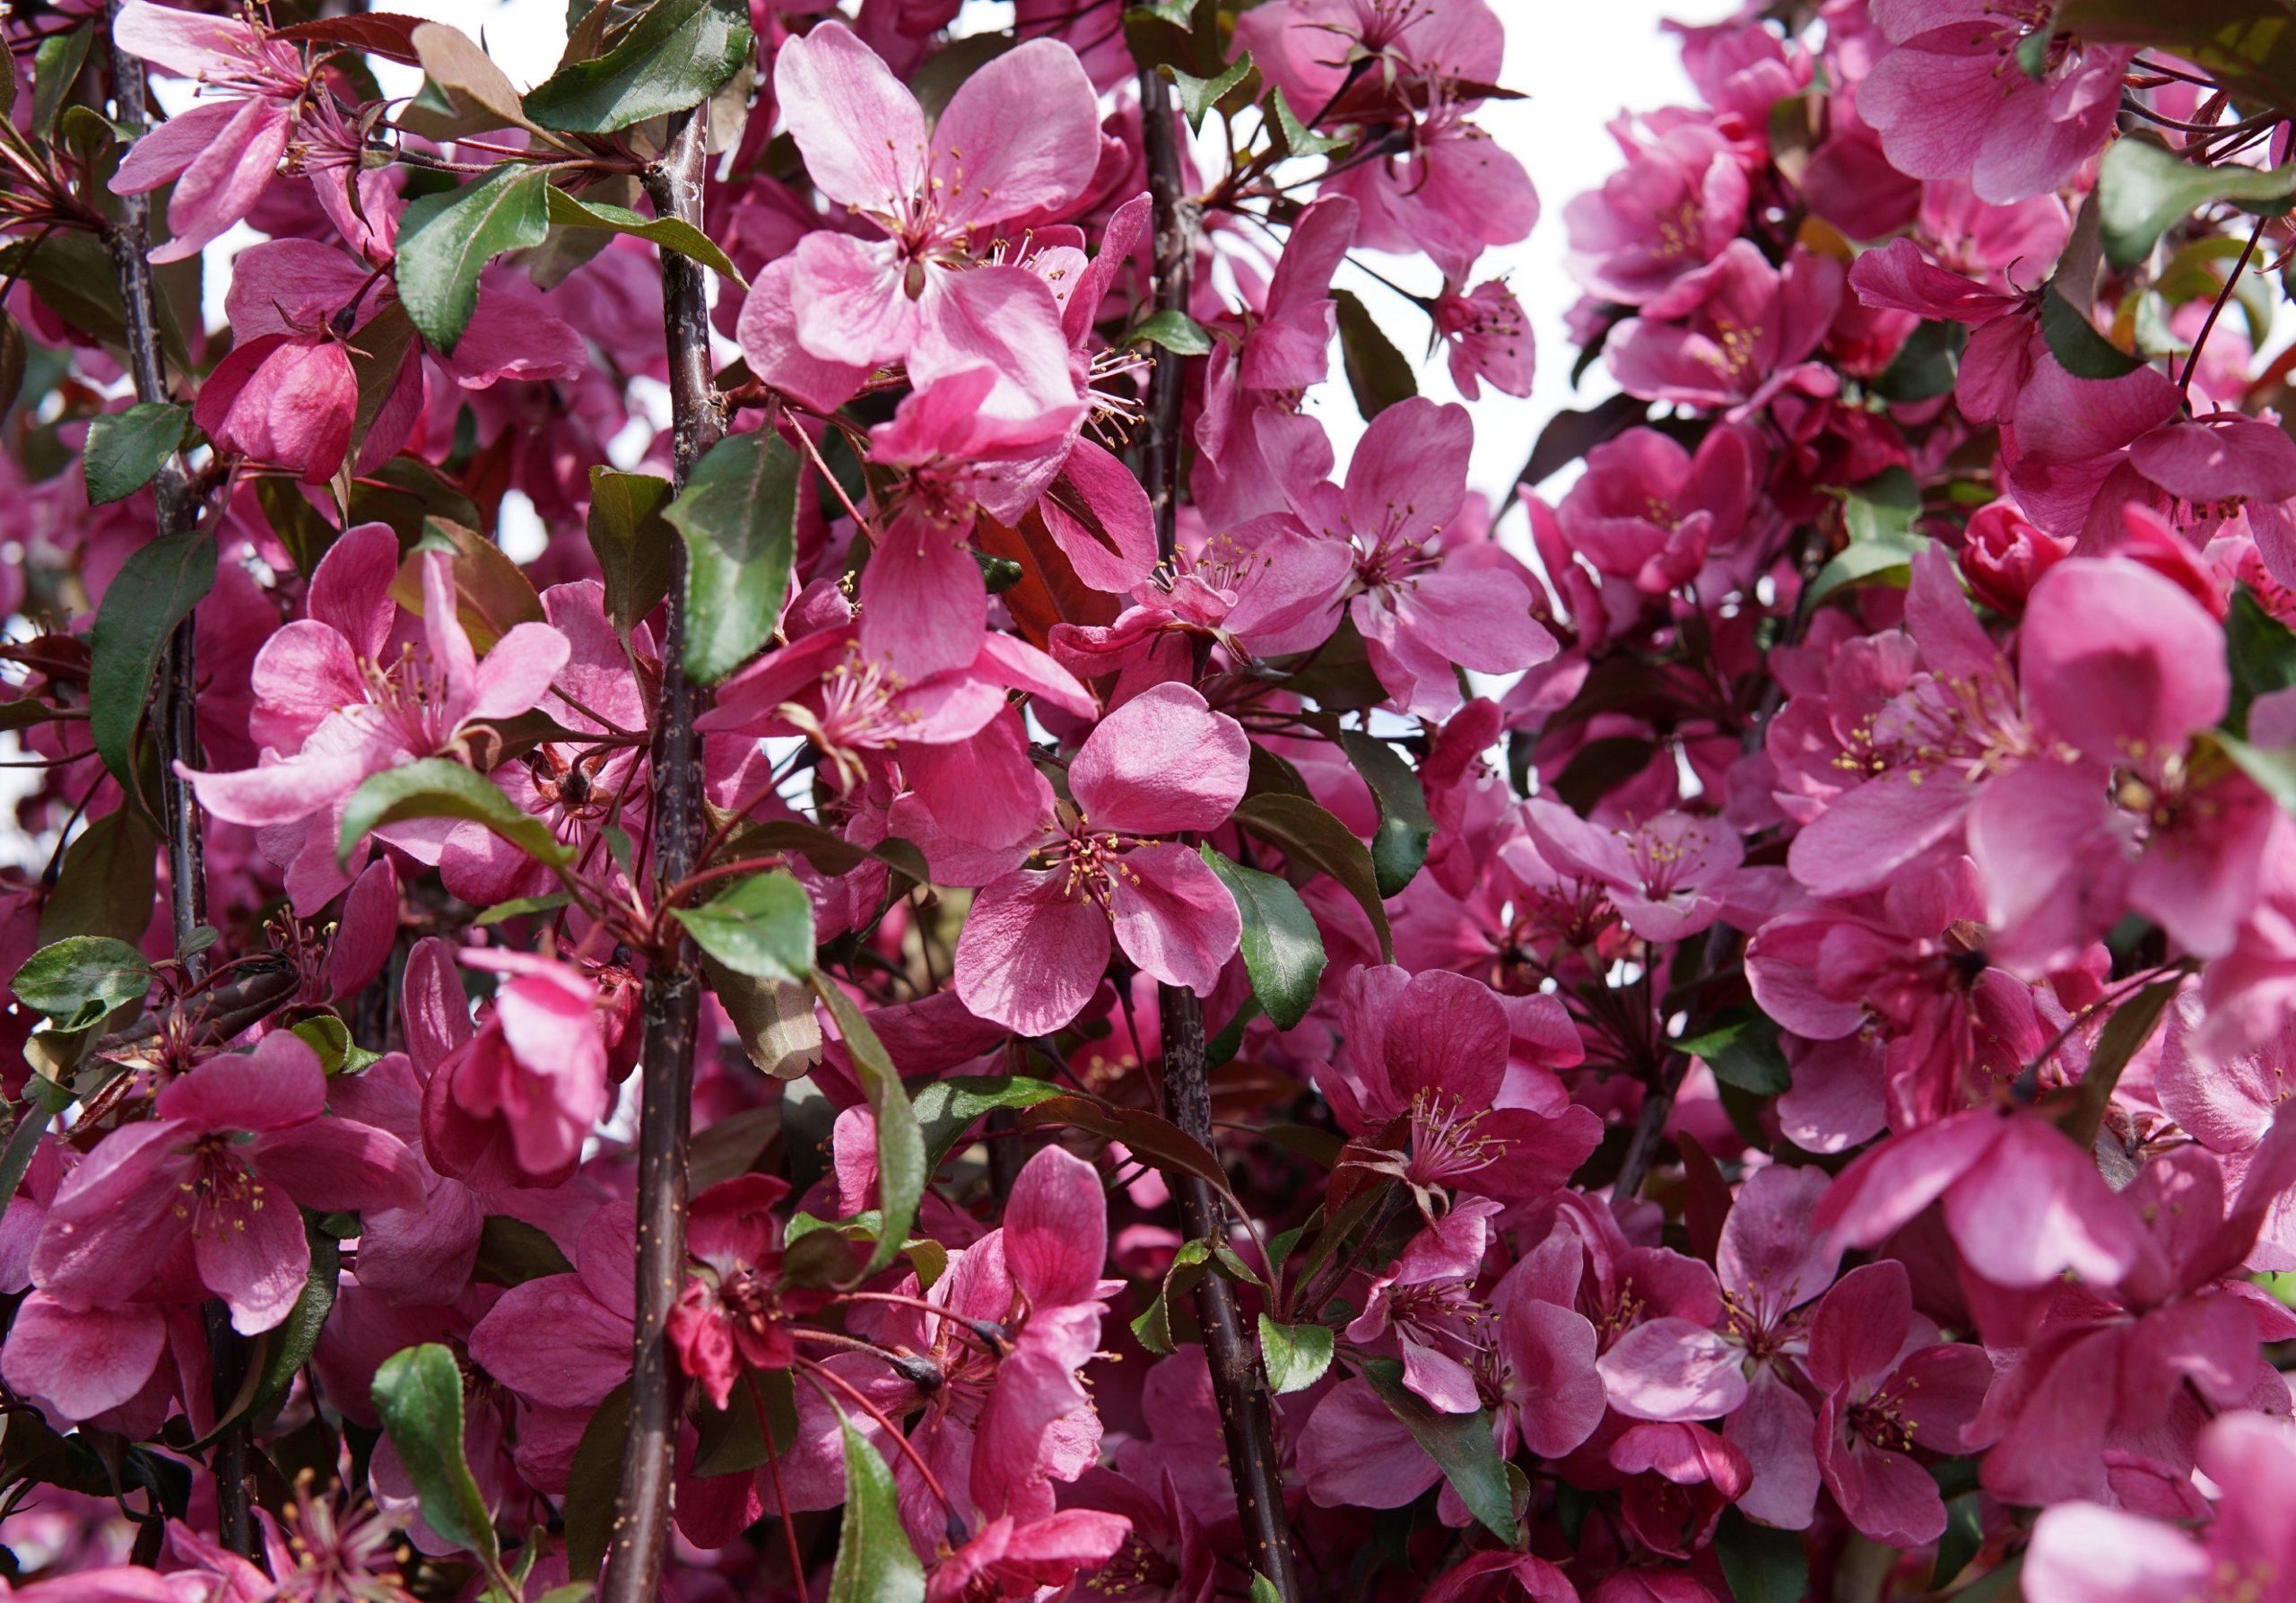 Gladiator Rosybloom Crabapple Flower Close Up